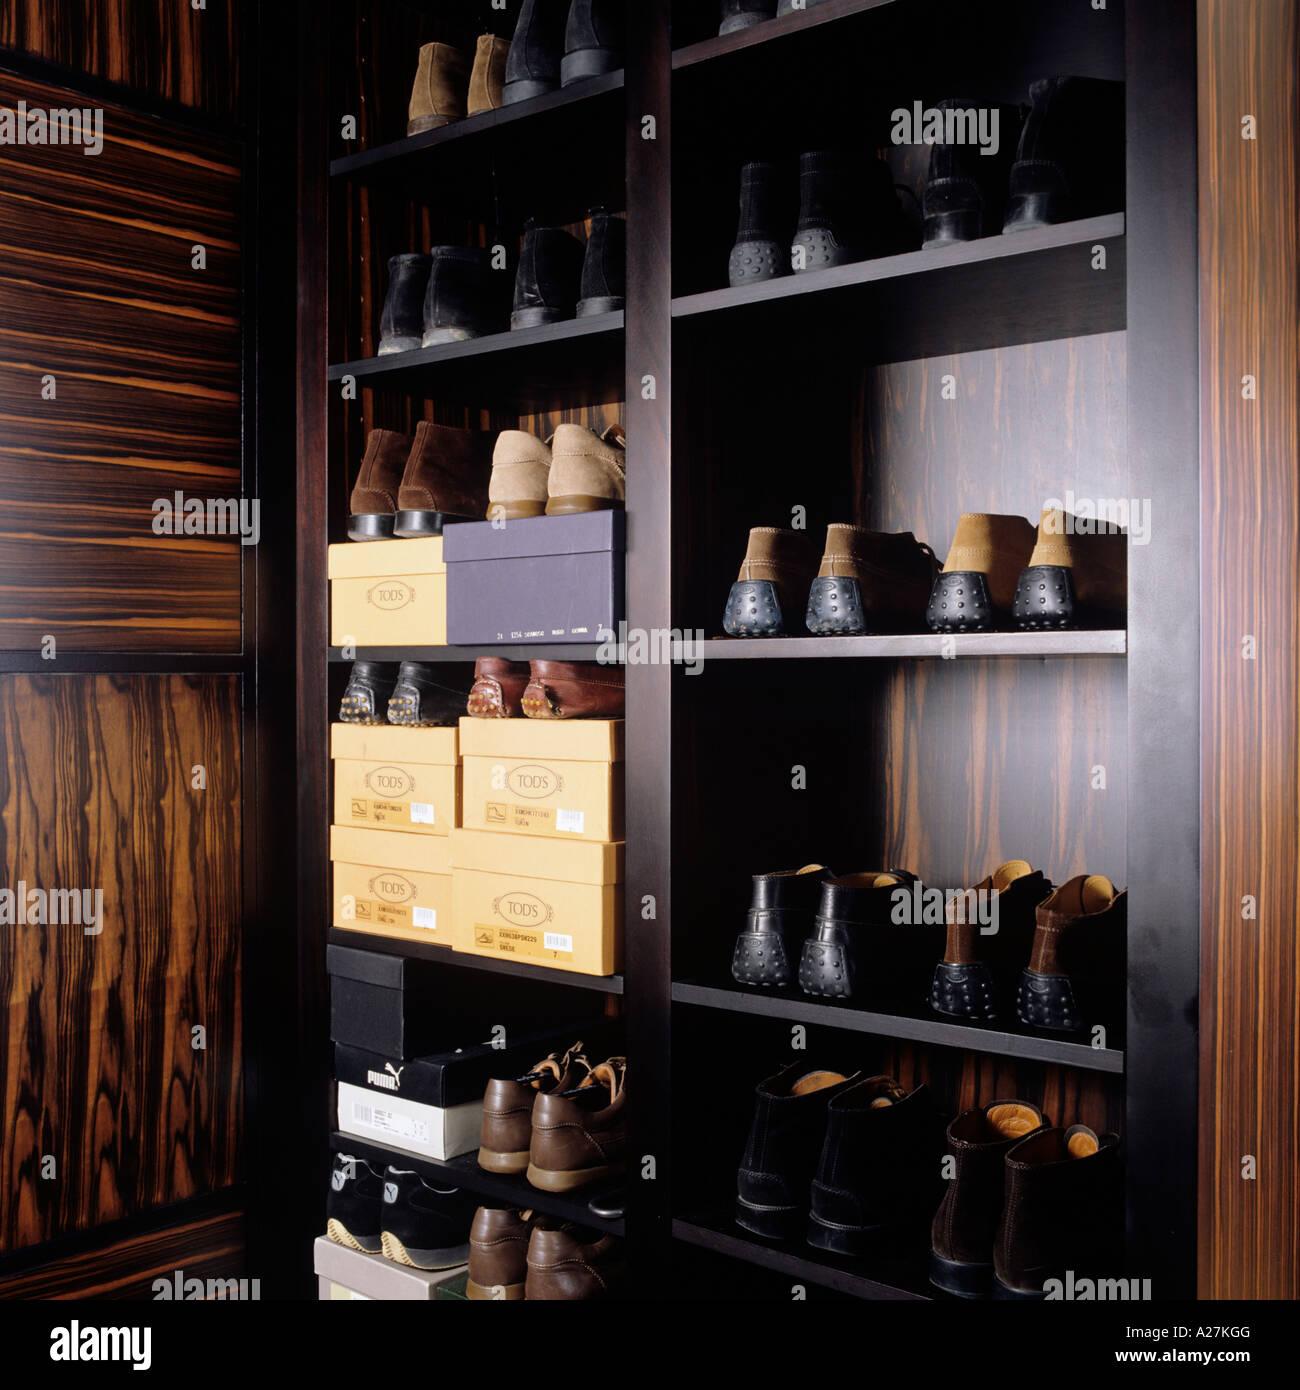 Paia di scarpe impilate ordinatamente su scaffali in un armadio in legno di  noce Immagini Stock bdea82b1643